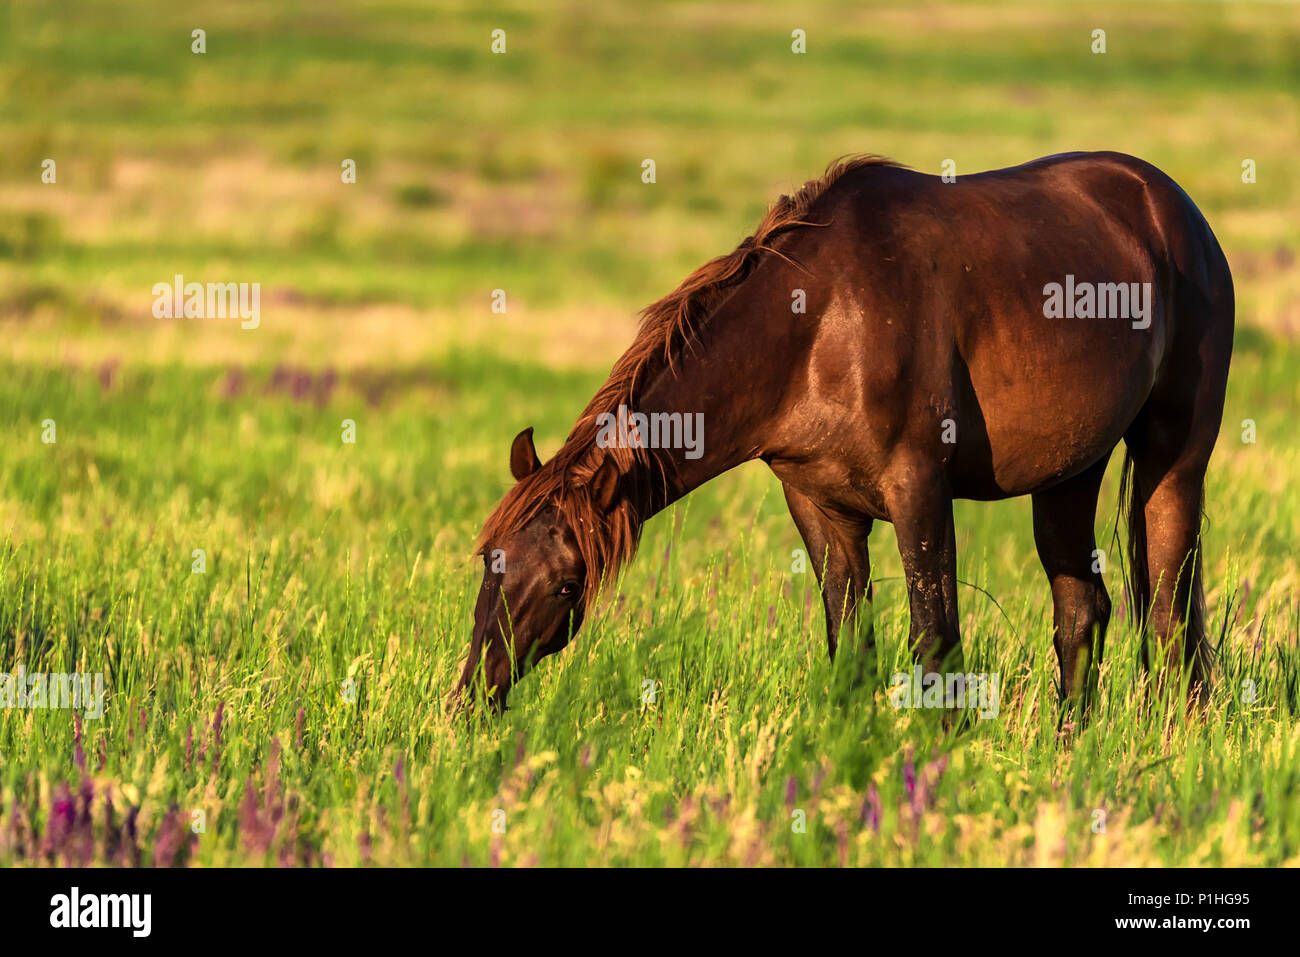 Wild Horse Schürfwunden im sonnendurchfluteten Wiese Stockbild